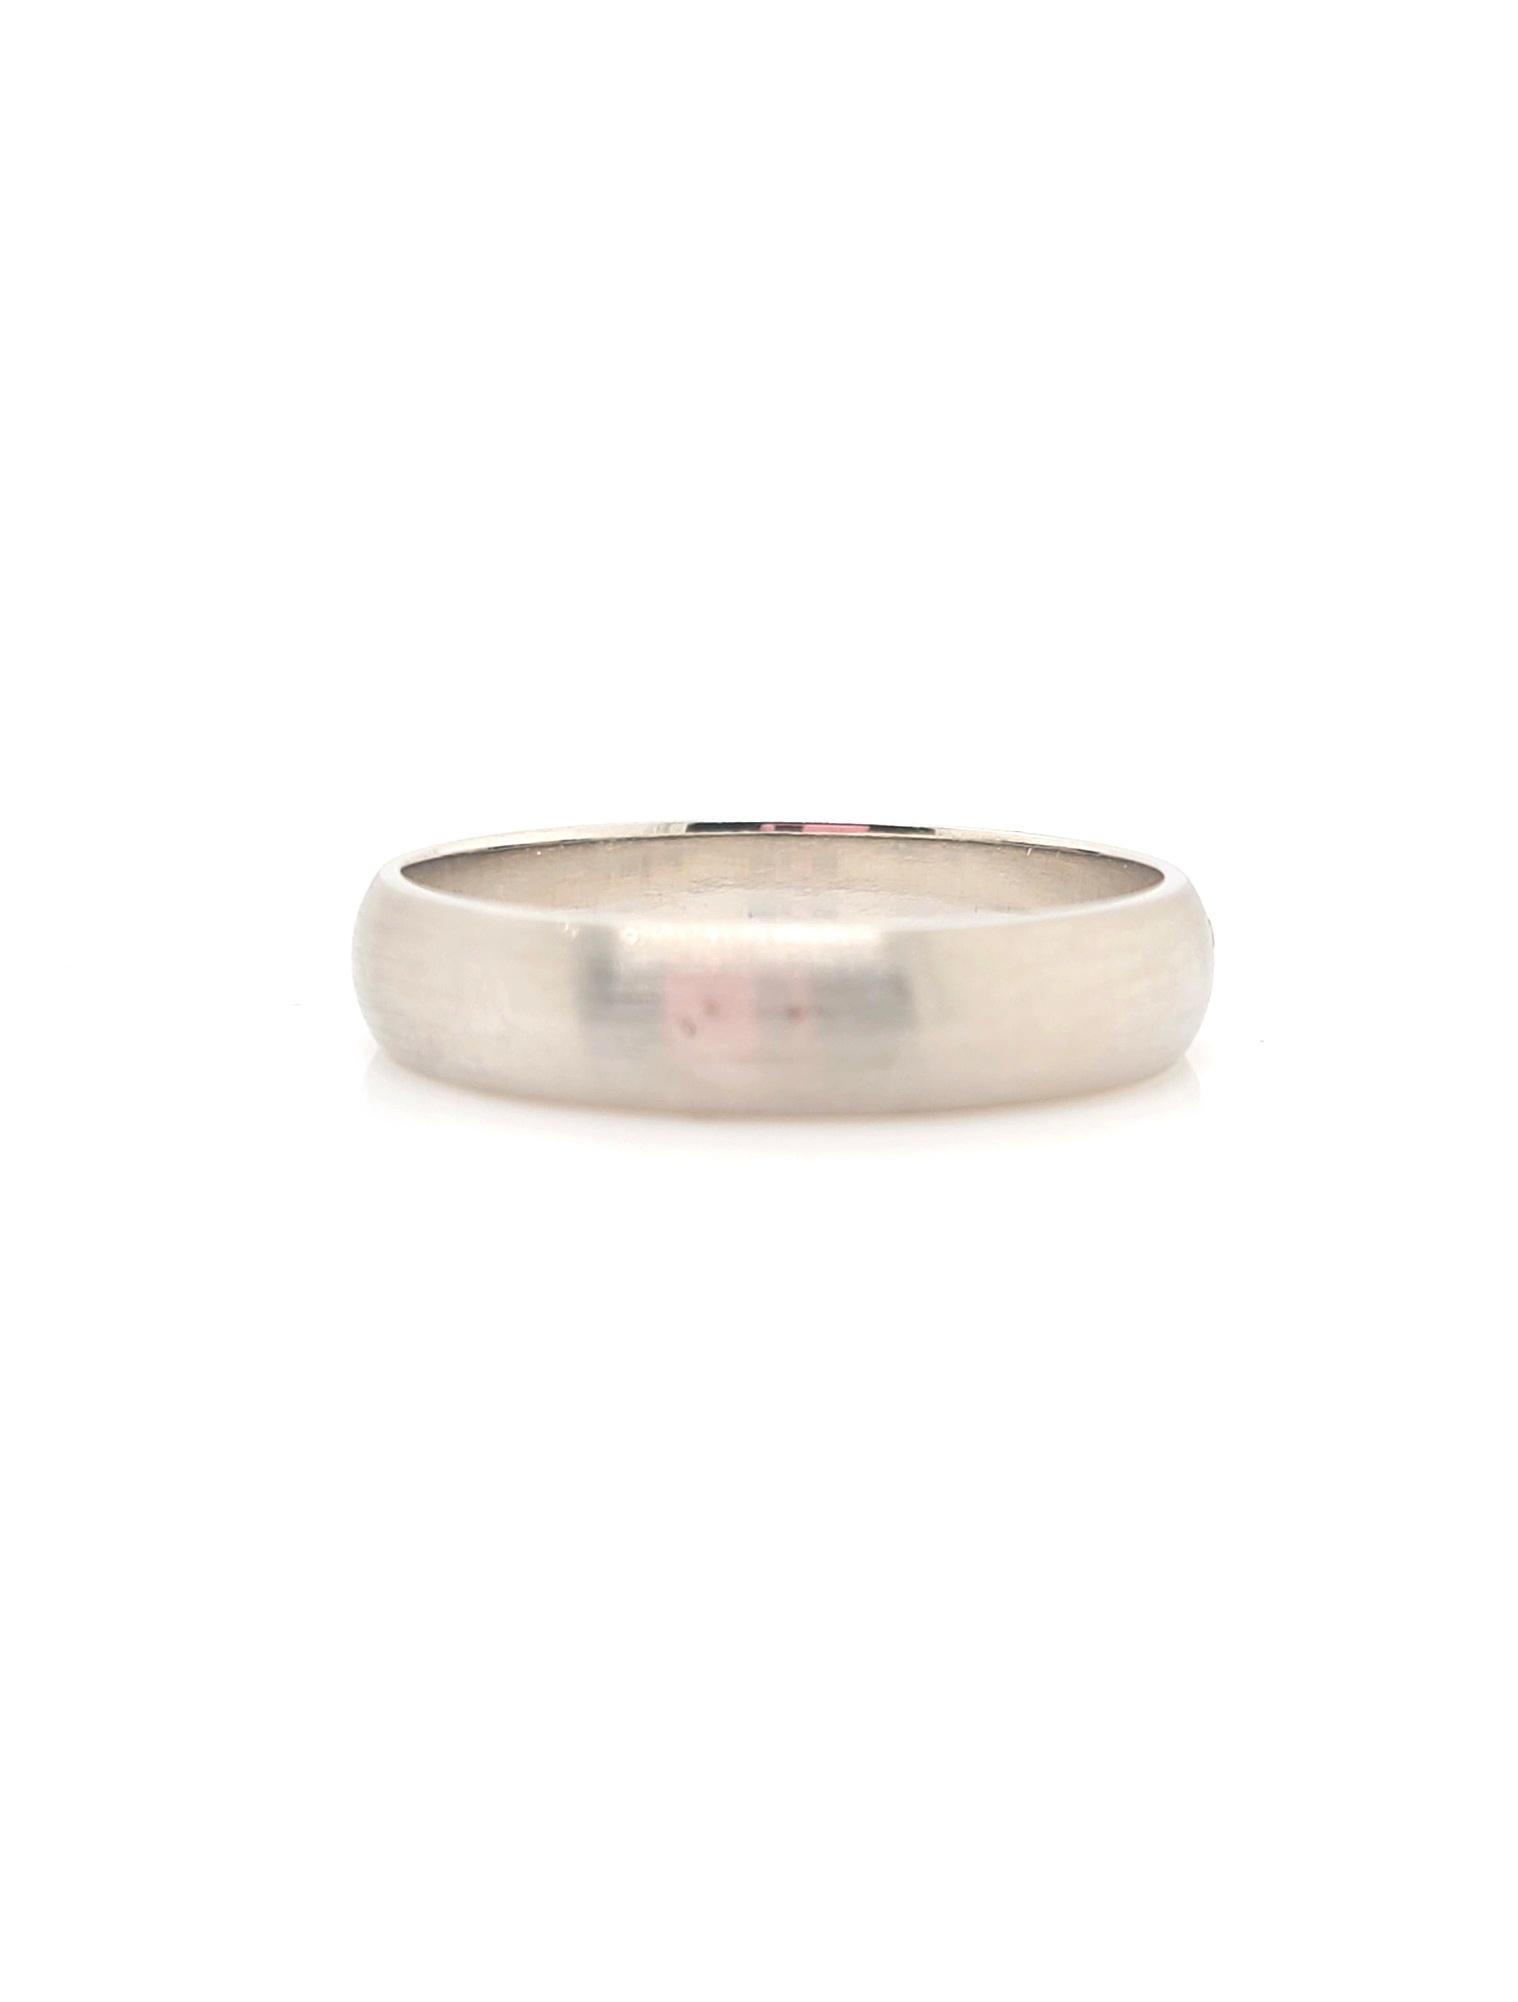 14kt White Gold Half Round Size 13.75, 5mm